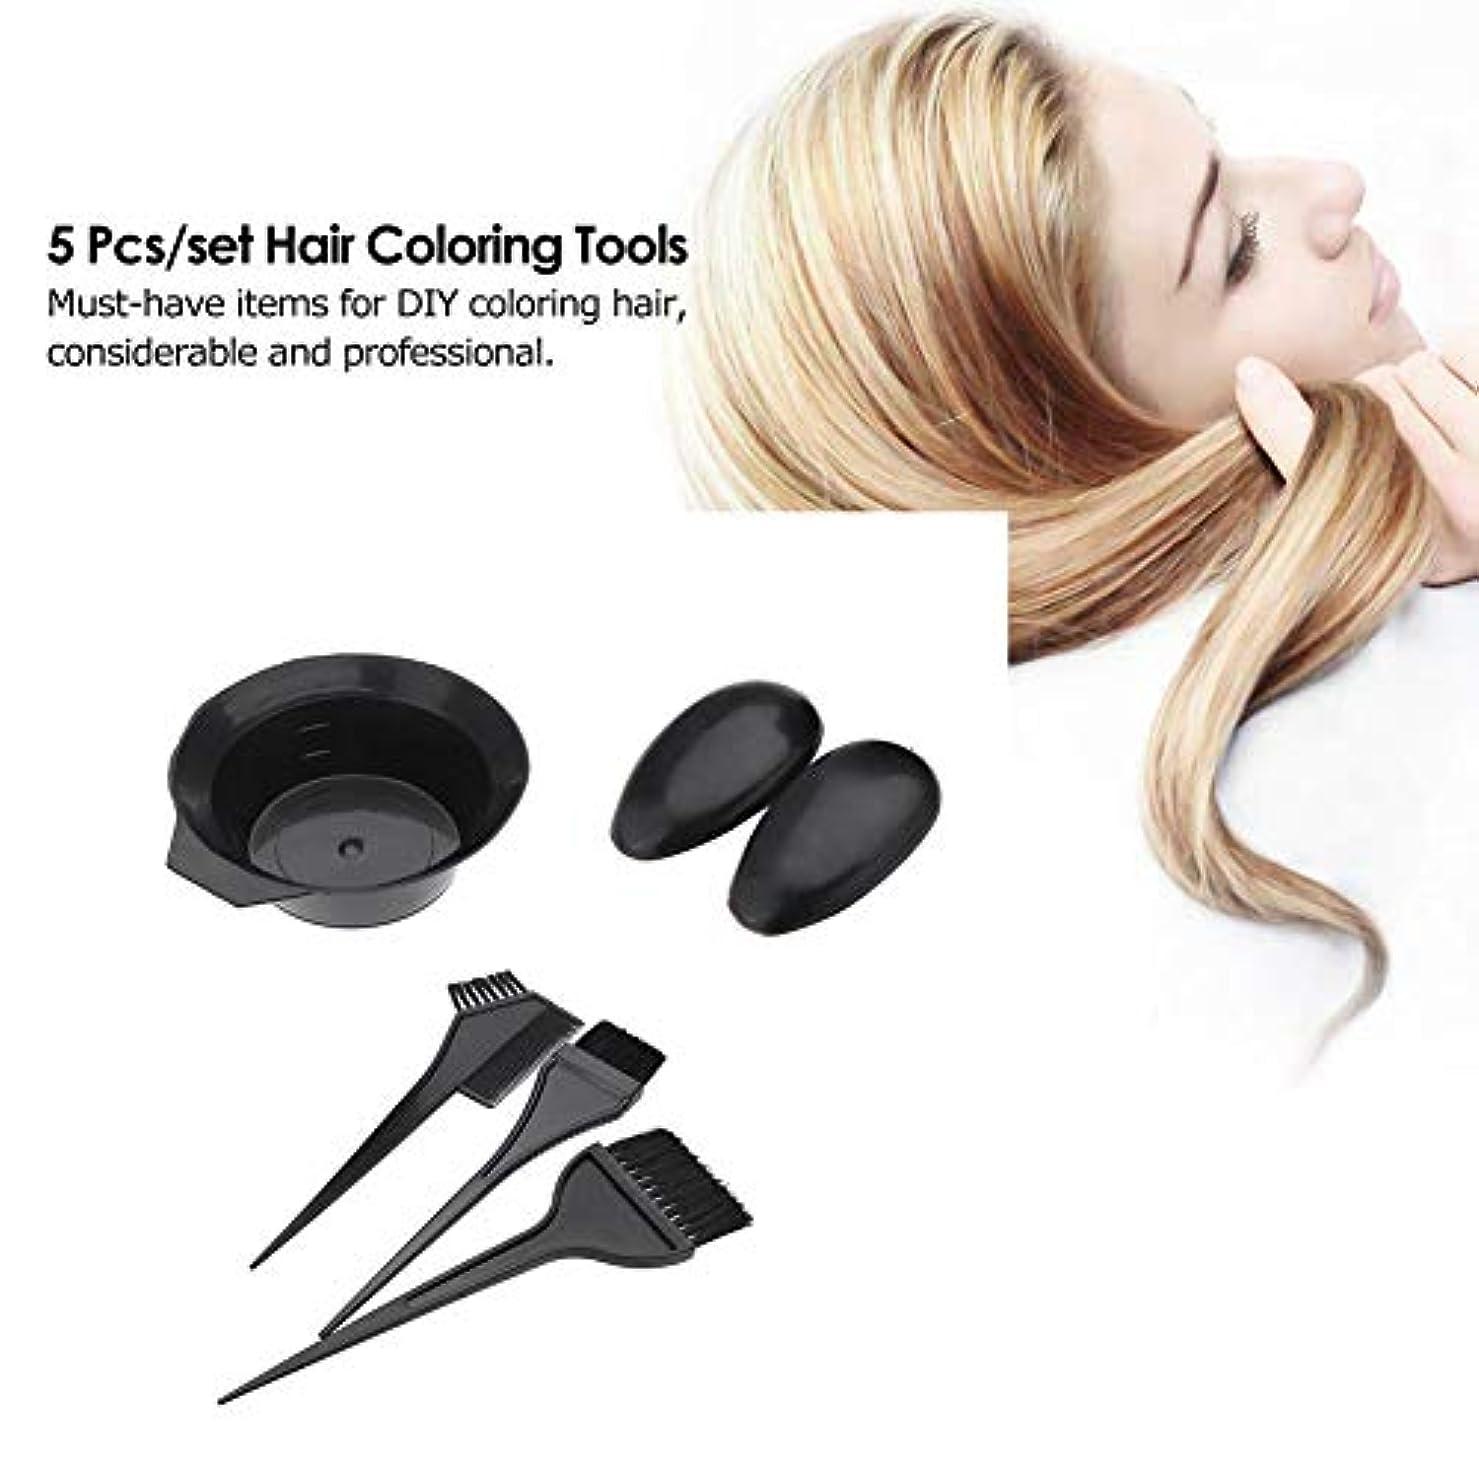 レガシー疑わしいキルスヘア染色セットキット5ピース - diyプロフェッショナルヘアダイカラーミキシングボウルブラシ&くし - 黒理髪美容ツールアプリケーター色合い